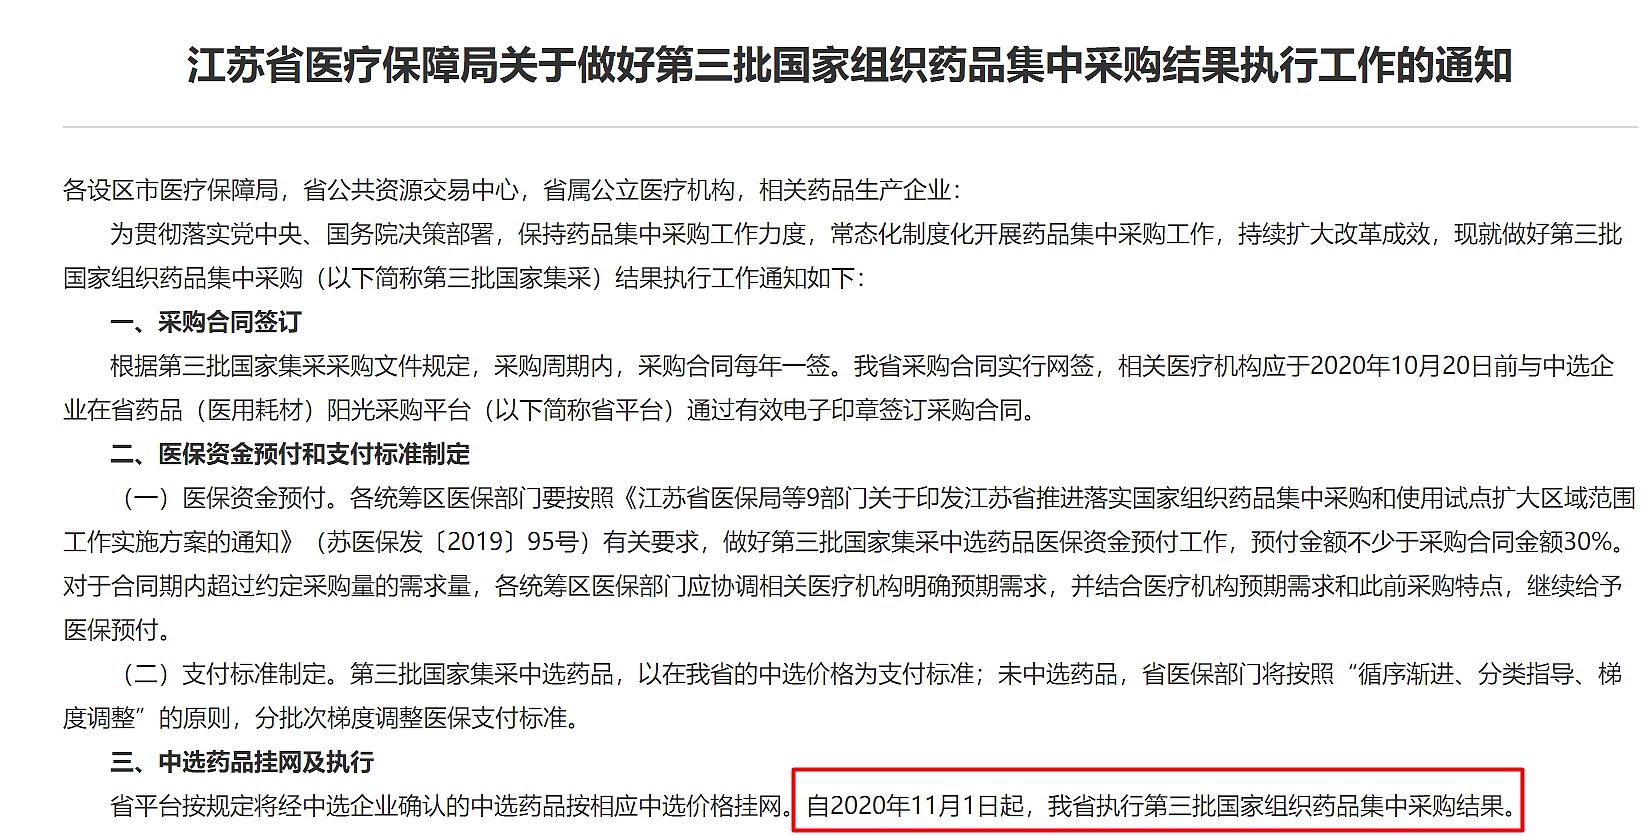 最高降幅95%!11月1日起江苏将执行第三批国家药品集中采购结果